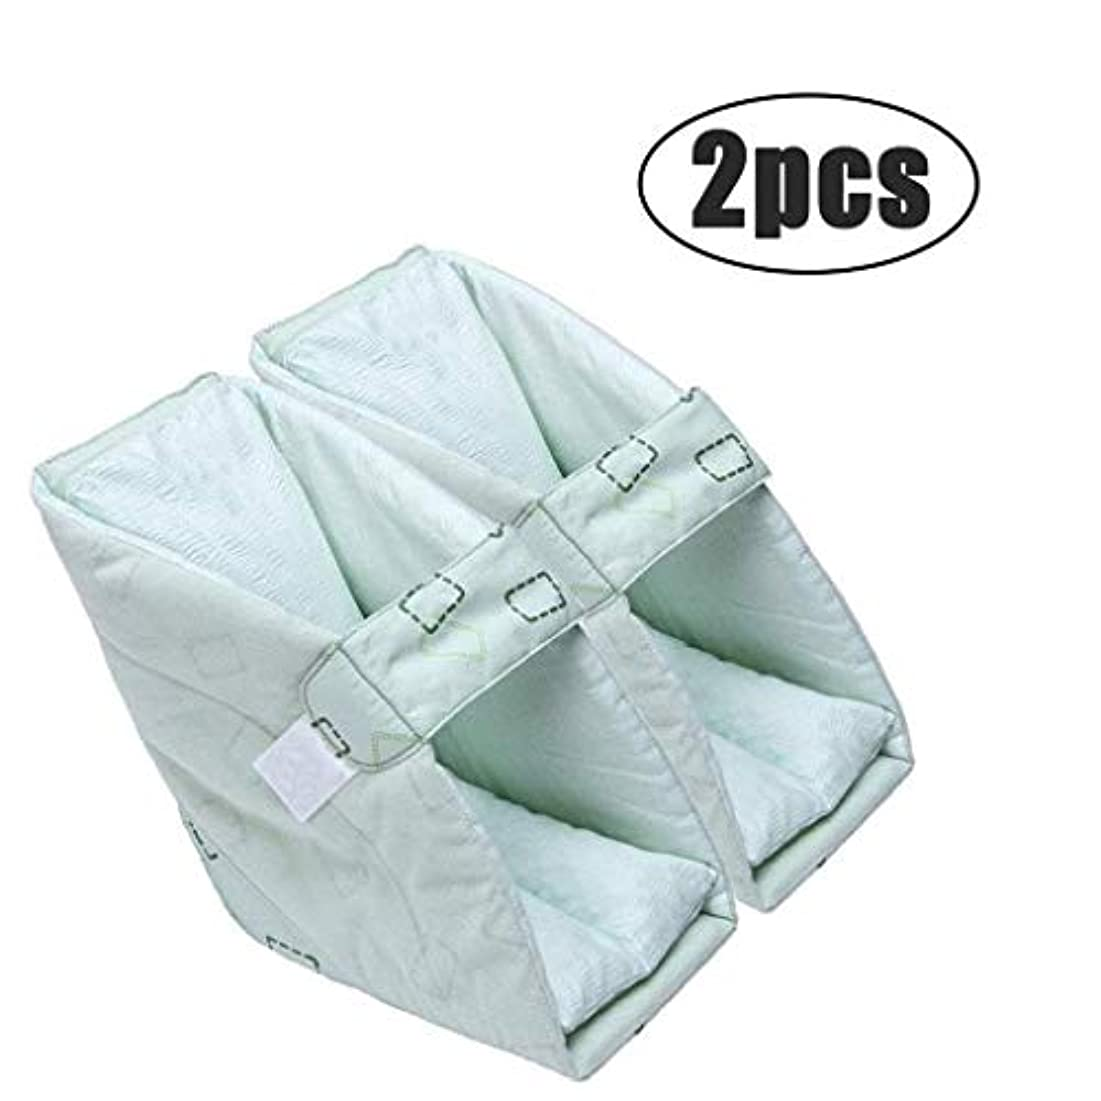 敬の念抽象化ブルジョンTONGSH 足の枕、かかとのプロテクター、かかとのクッション、かかとの保護、効果的なPressure瘡およびかかとの潰瘍の救済、腫れた足に最適、快適なかかとの保護の足の枕 (Size : 2pcs)